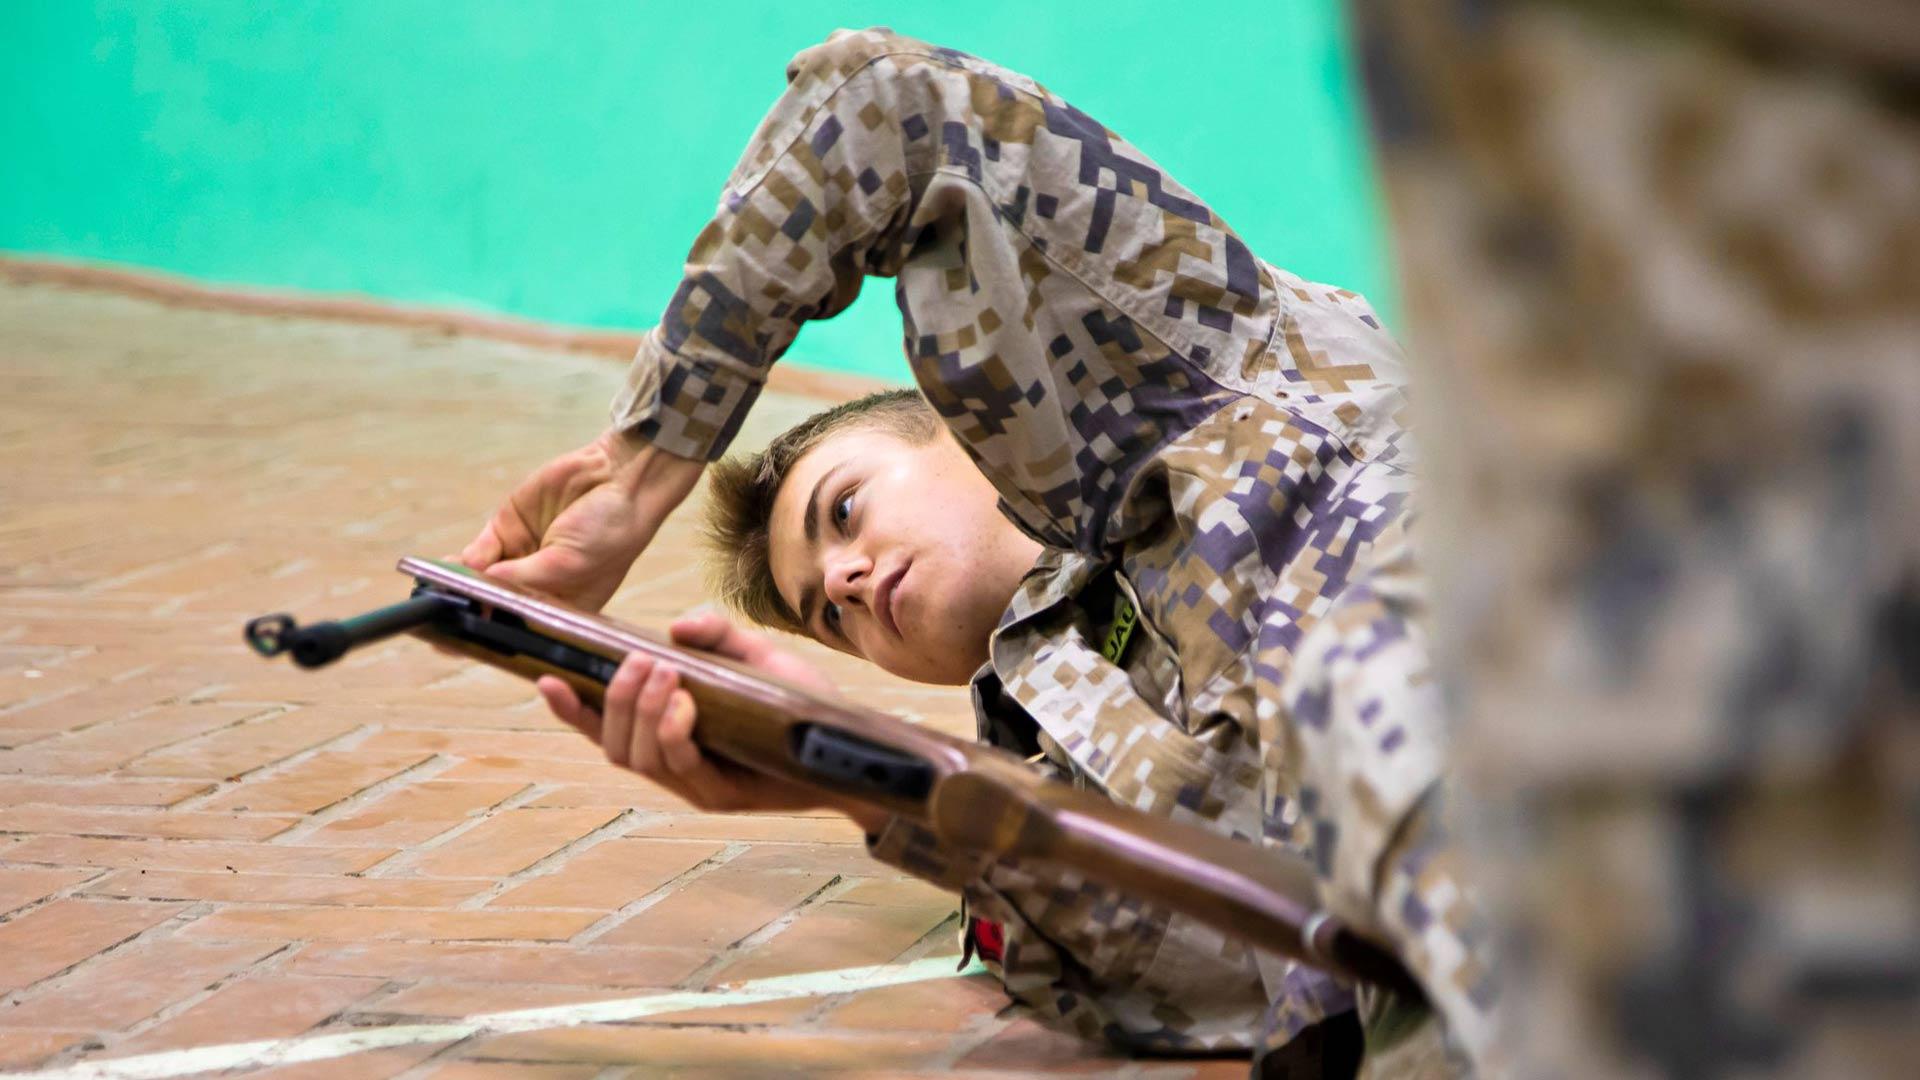 Ammunta ja suunnistus ovat maanpuolustustuntien parasta antia, sanoo 16-vuotias Rendijs Sermulis.